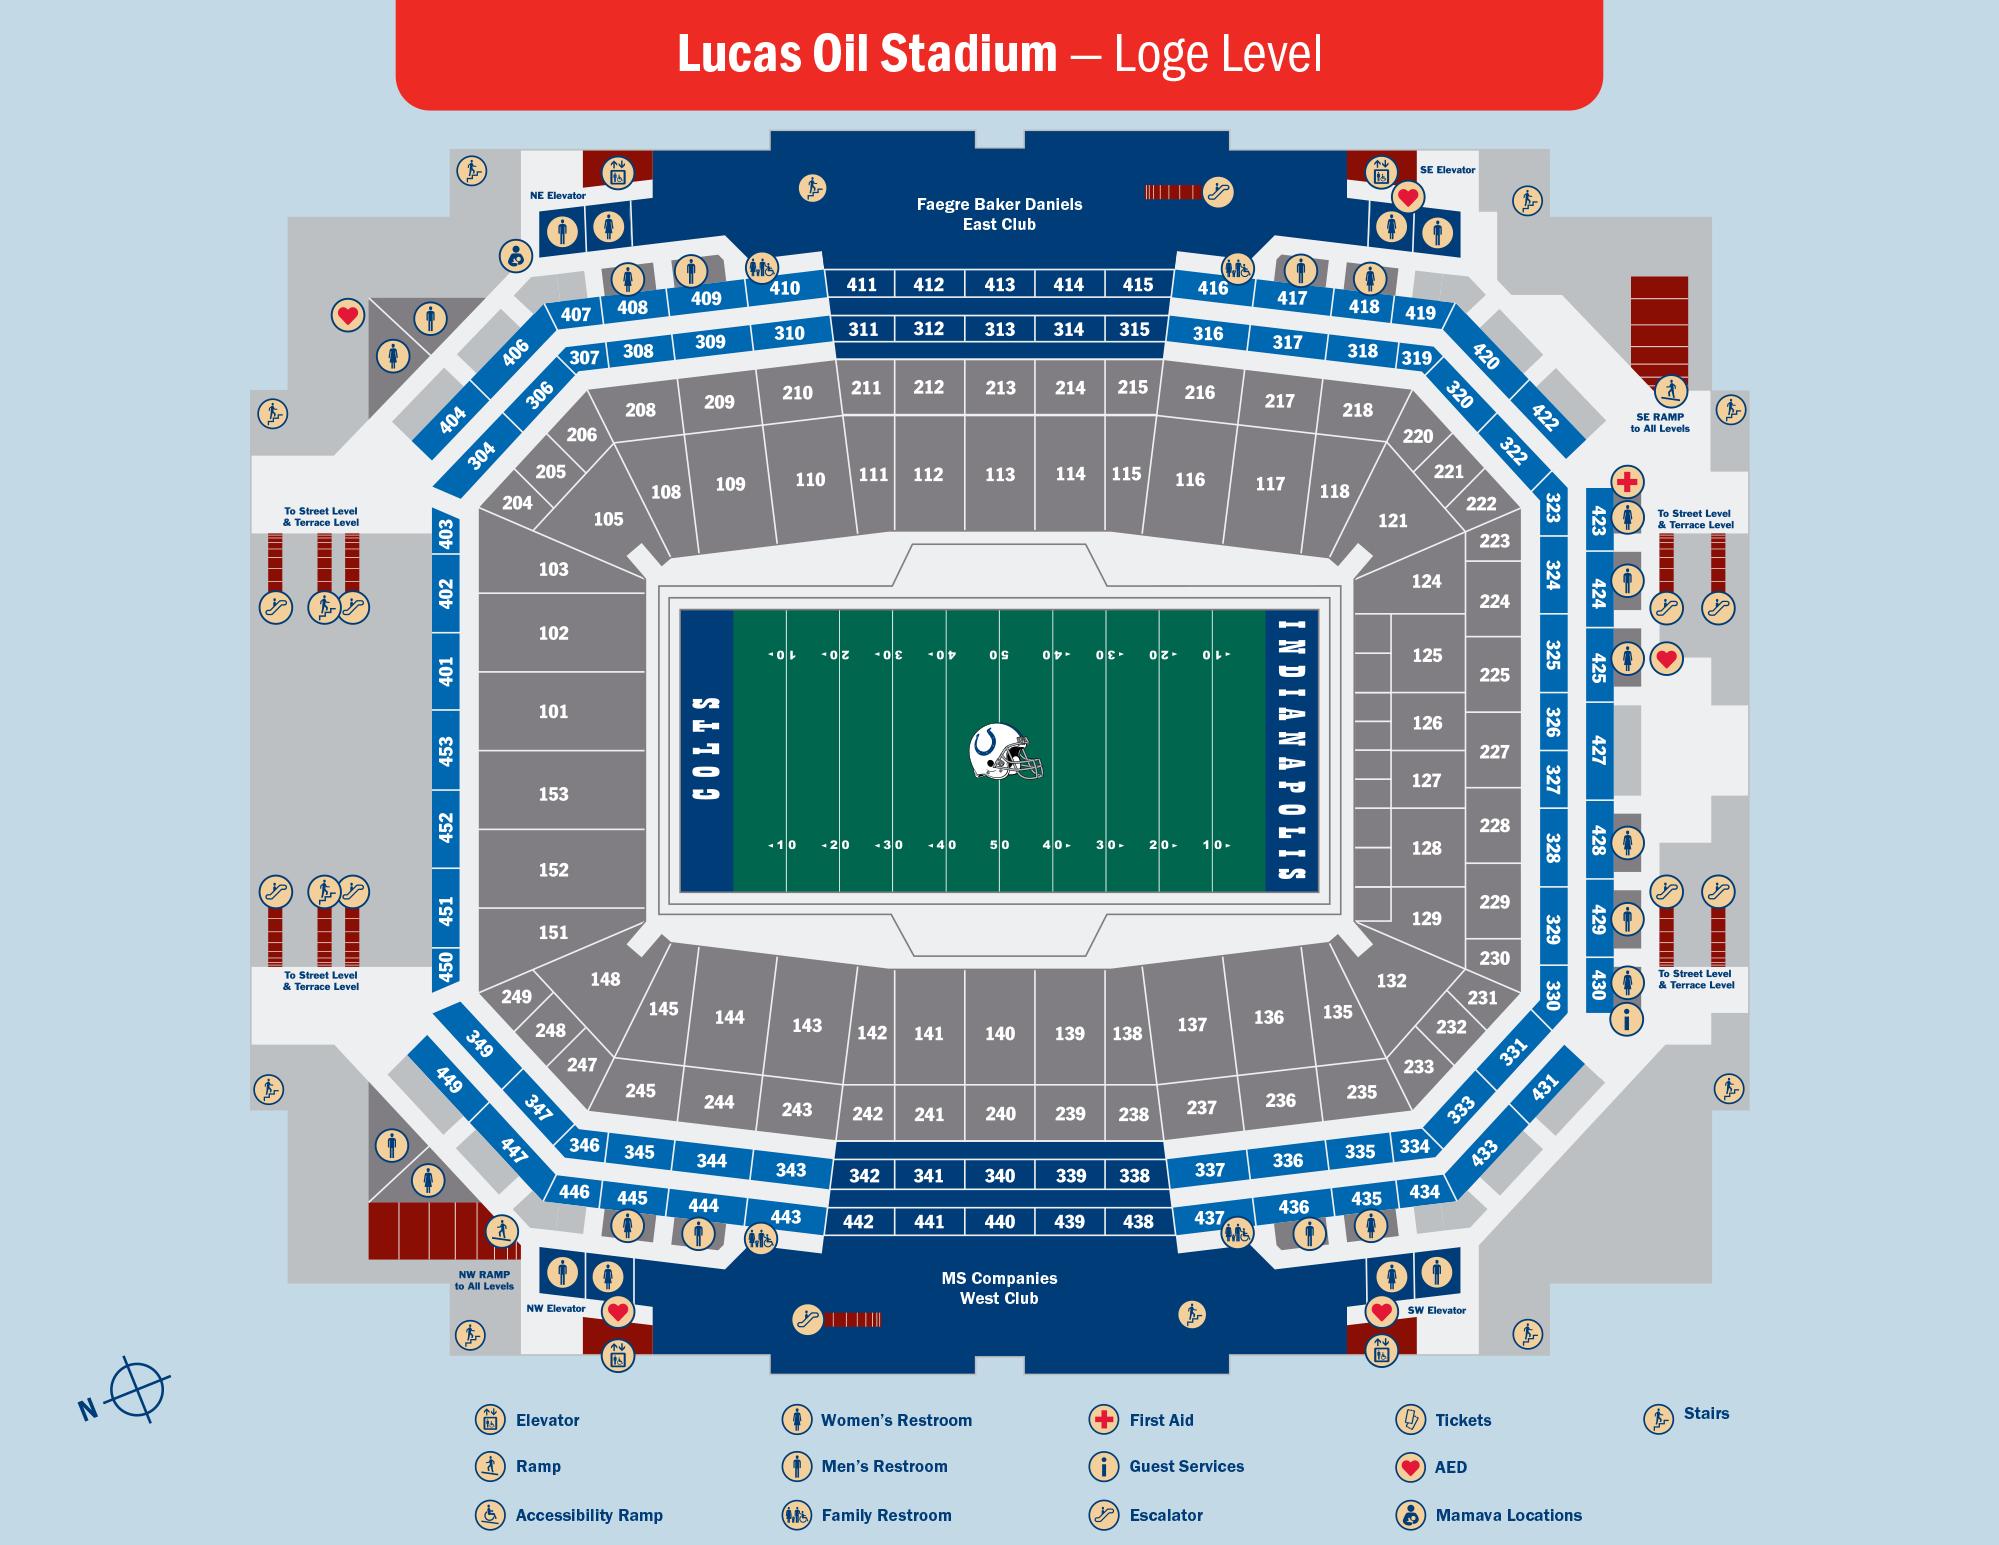 Lucas Oil Stadium Loge Level Map